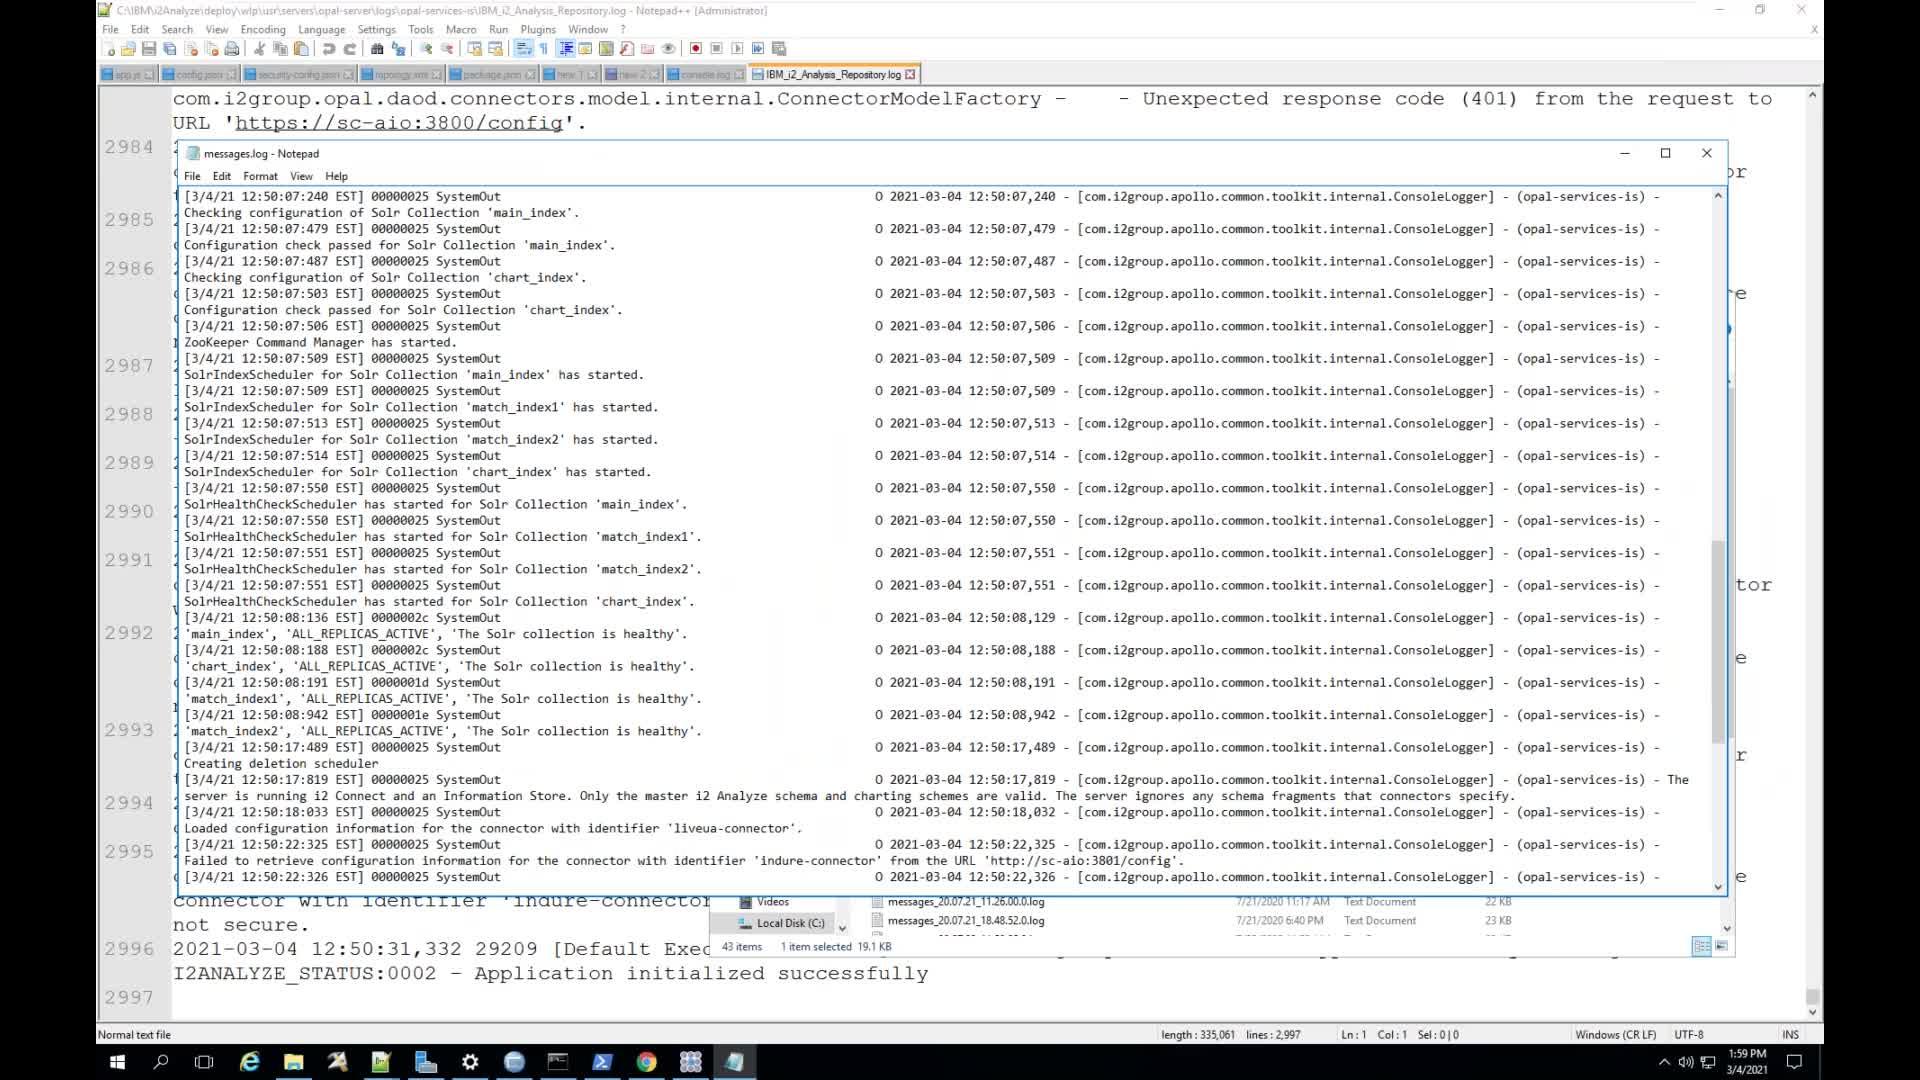 SOCOM EIA 101 Dev link up